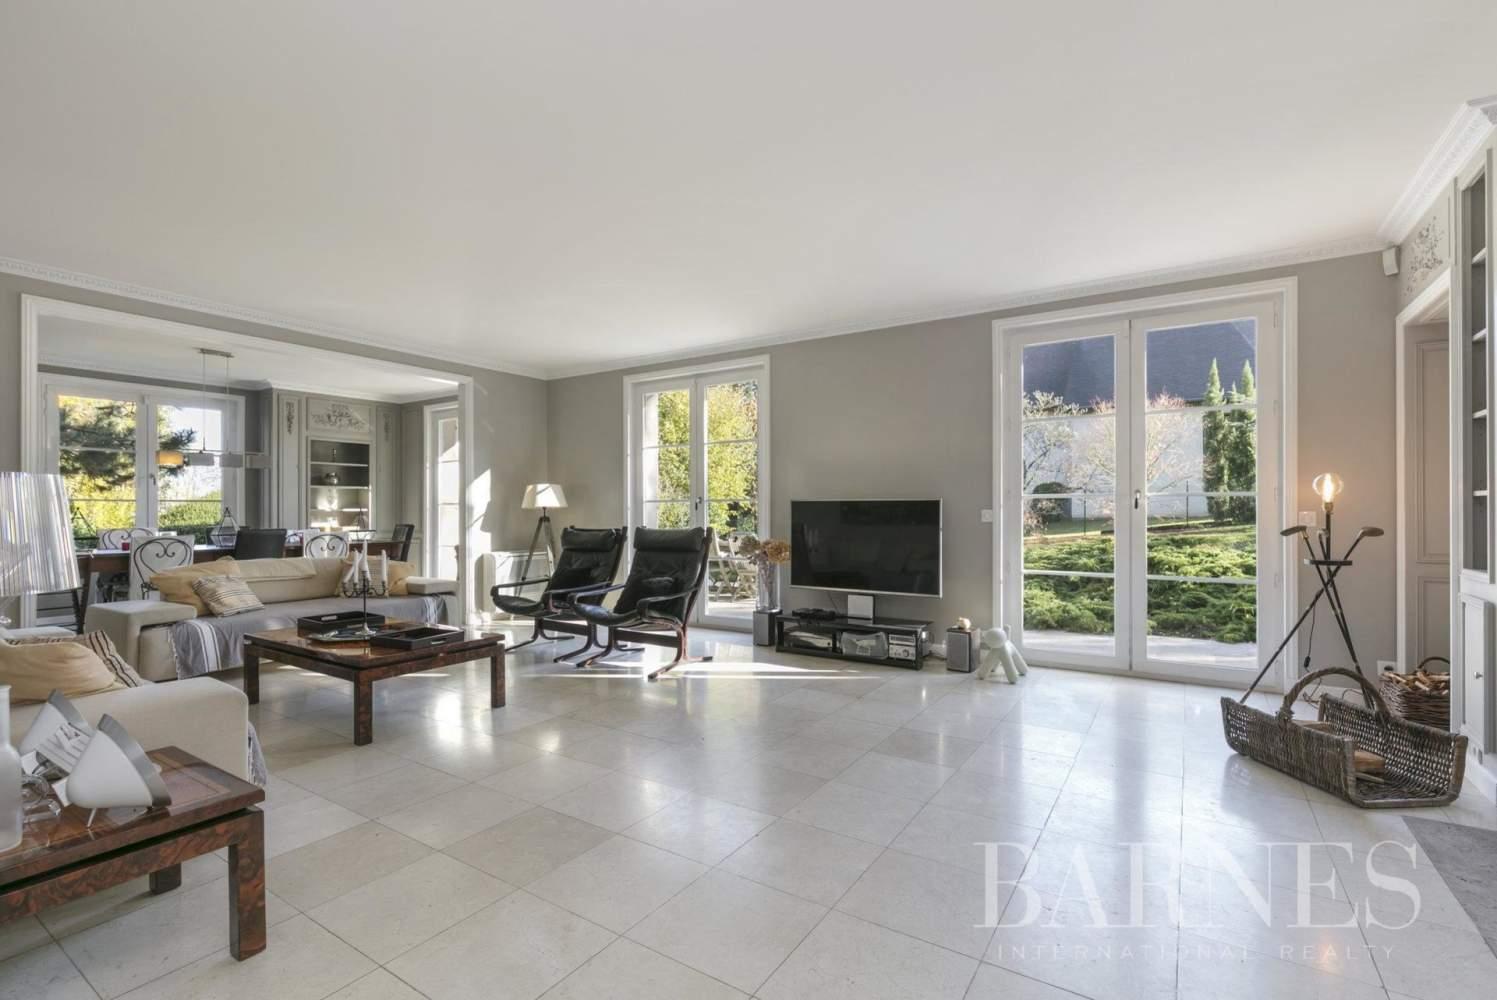 Louveciennes  - Casa 9 Cuartos 5 Habitaciones - picture 6